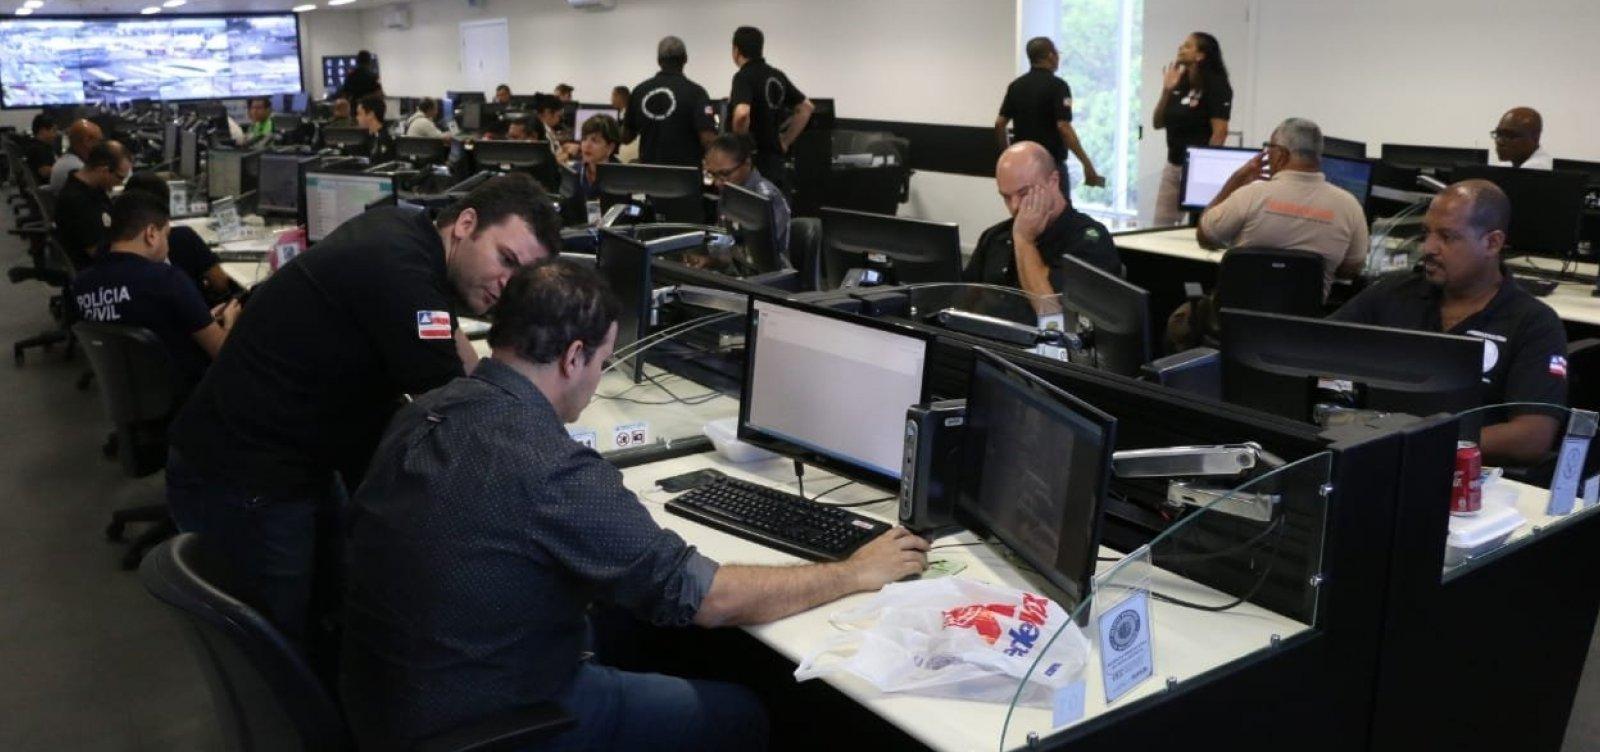 Bahia registra 16 ocorrências de crime eleitoral